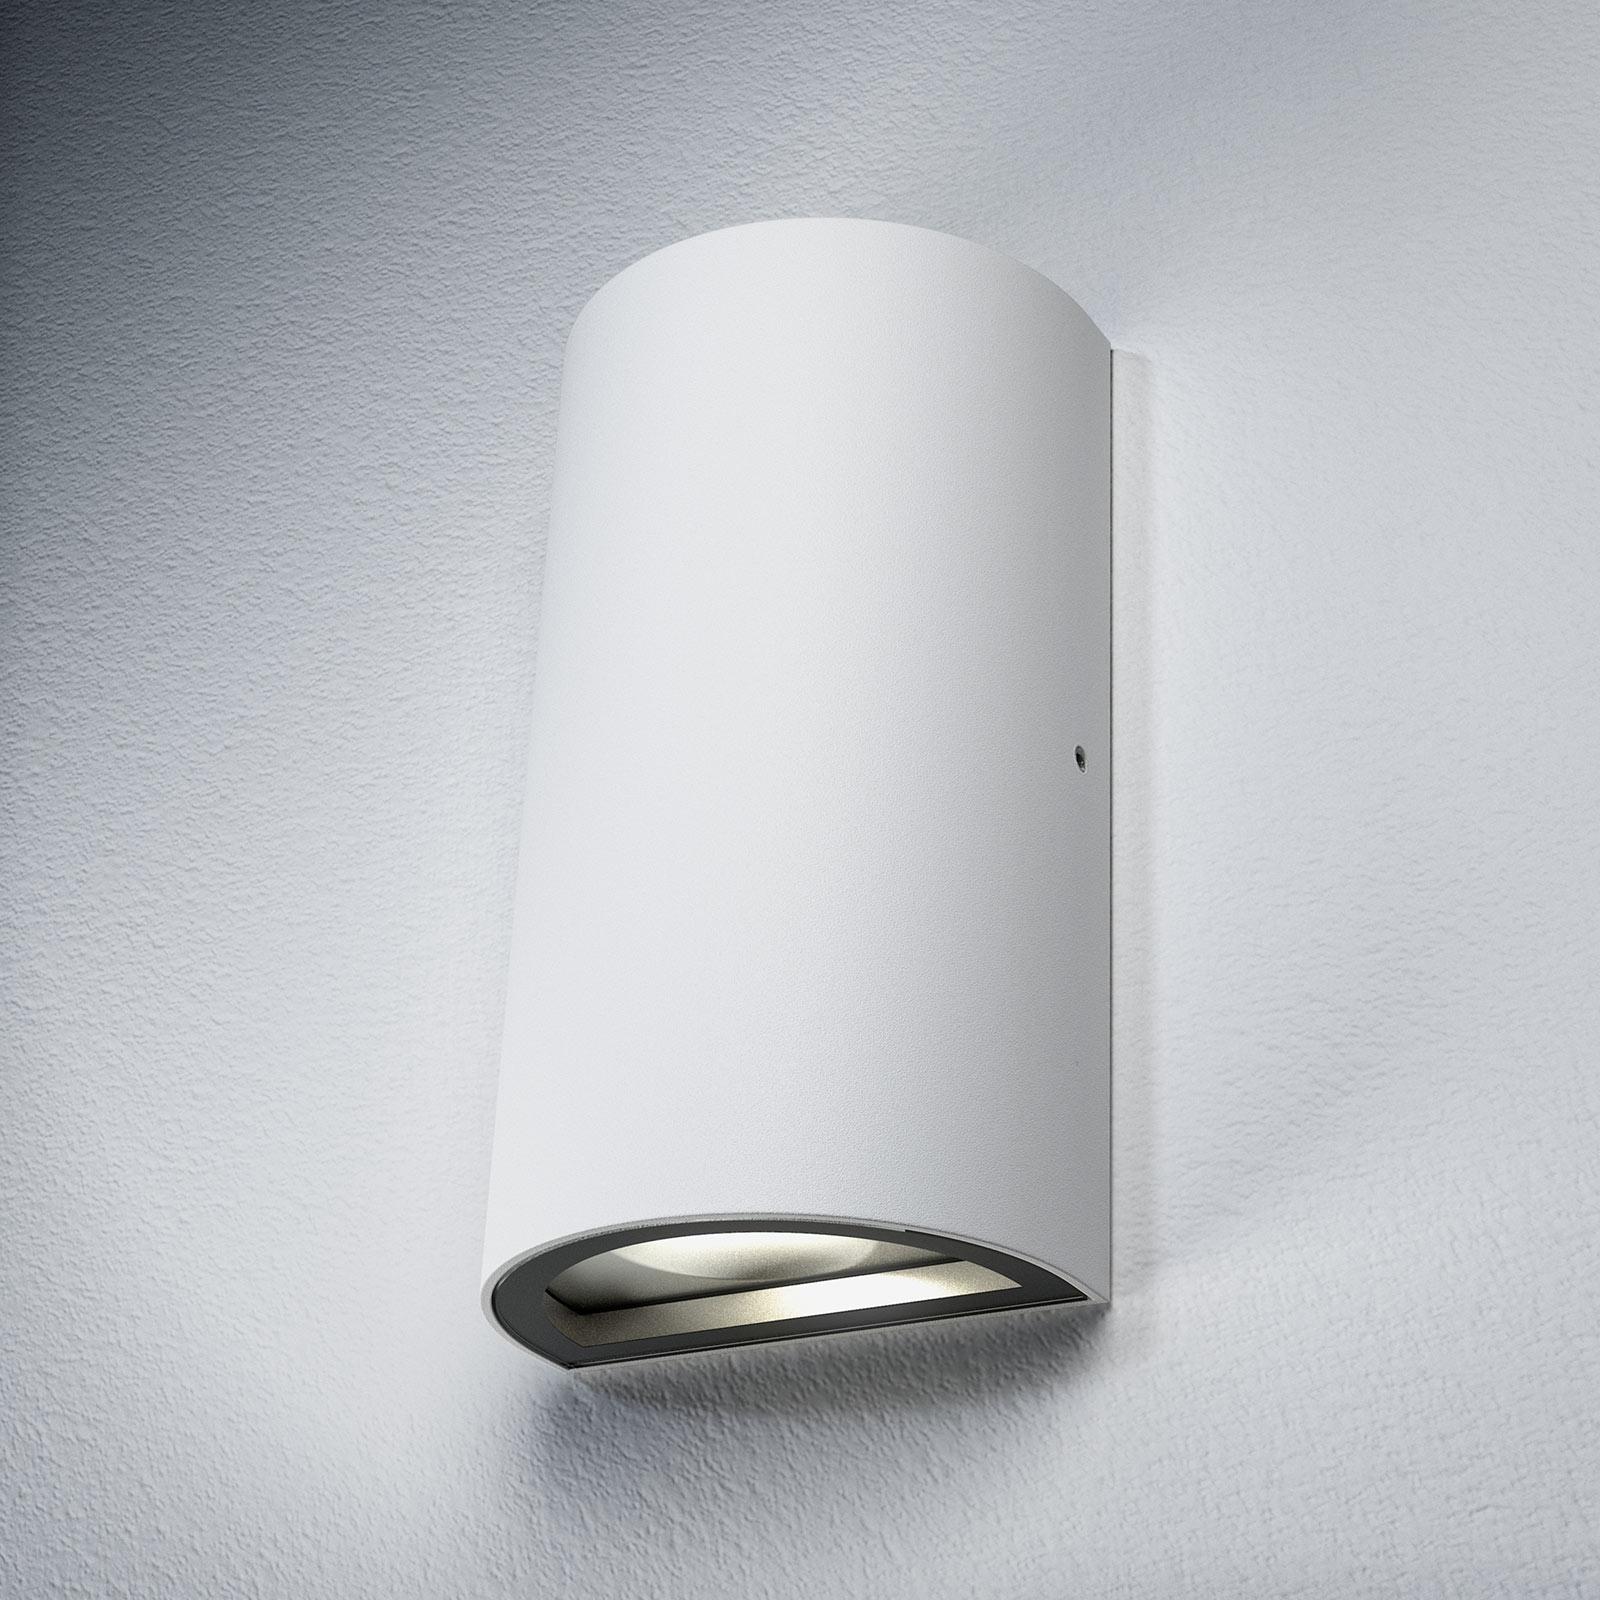 LEDVANCE Endura Style UpDown LED-Außenleuchte weiß